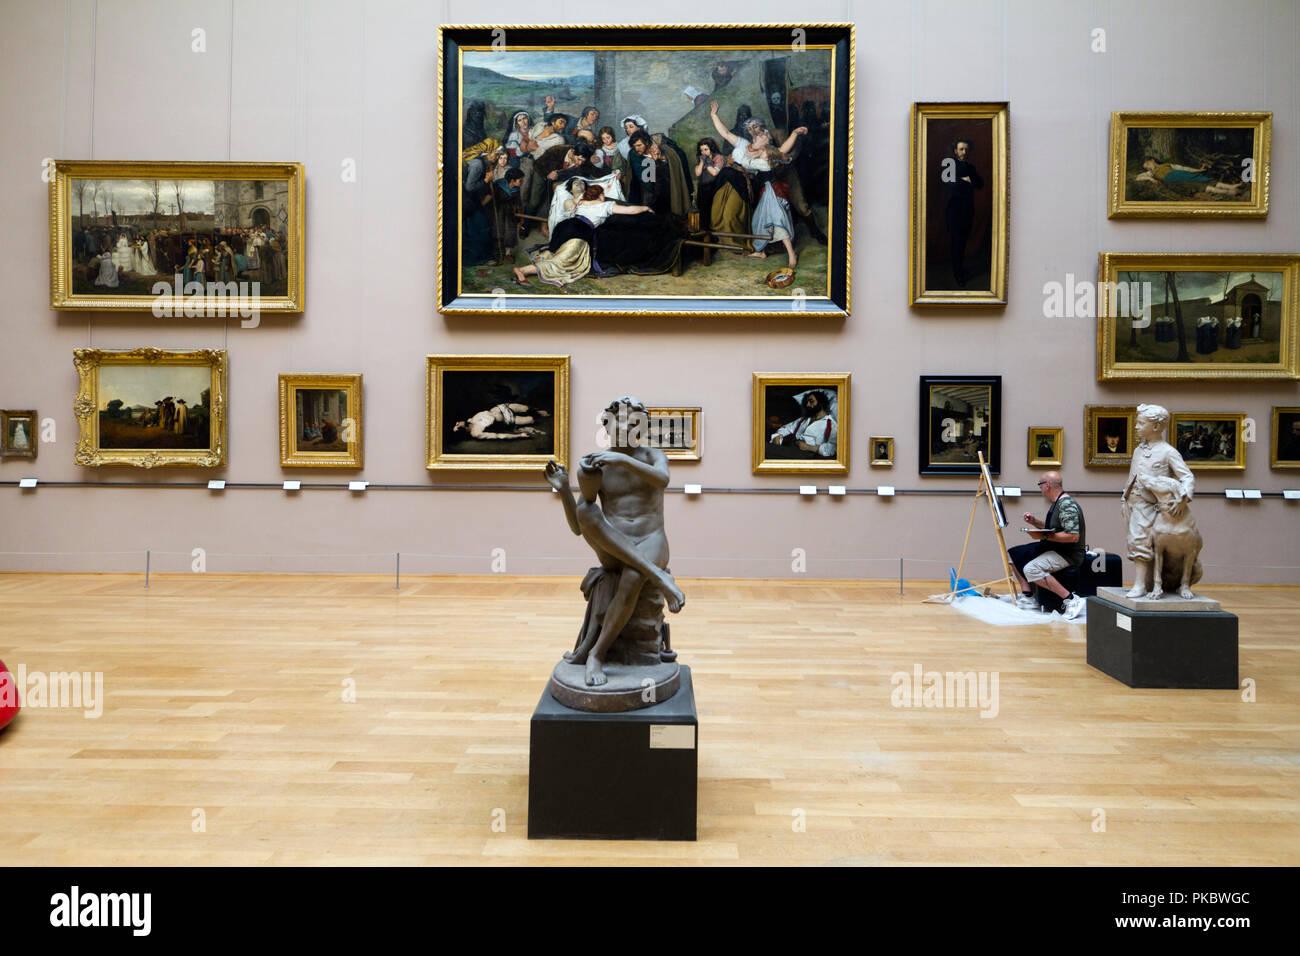 Un copiste au Palais des Beaux-Arts de Lille - Stock Image